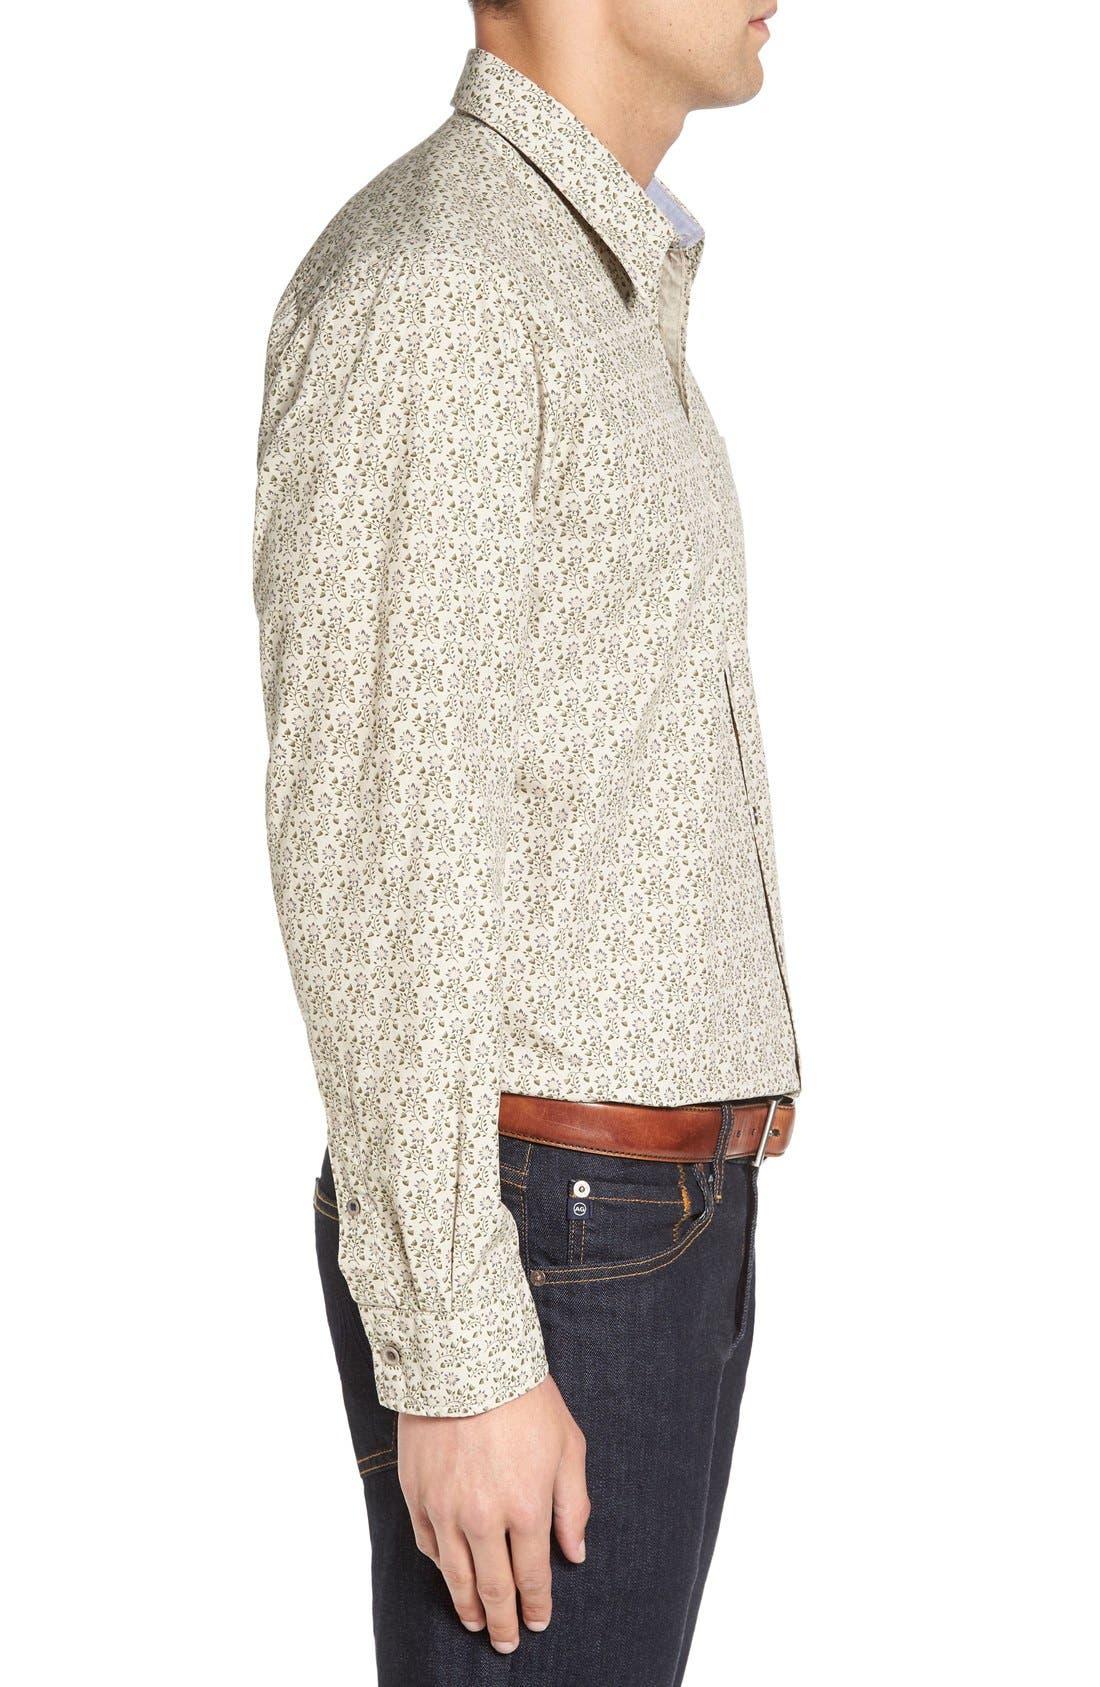 Alternate Image 3  - Cutter & Buck 'Winston' Regular Fit Print Sport Shirt (Big & Tall)